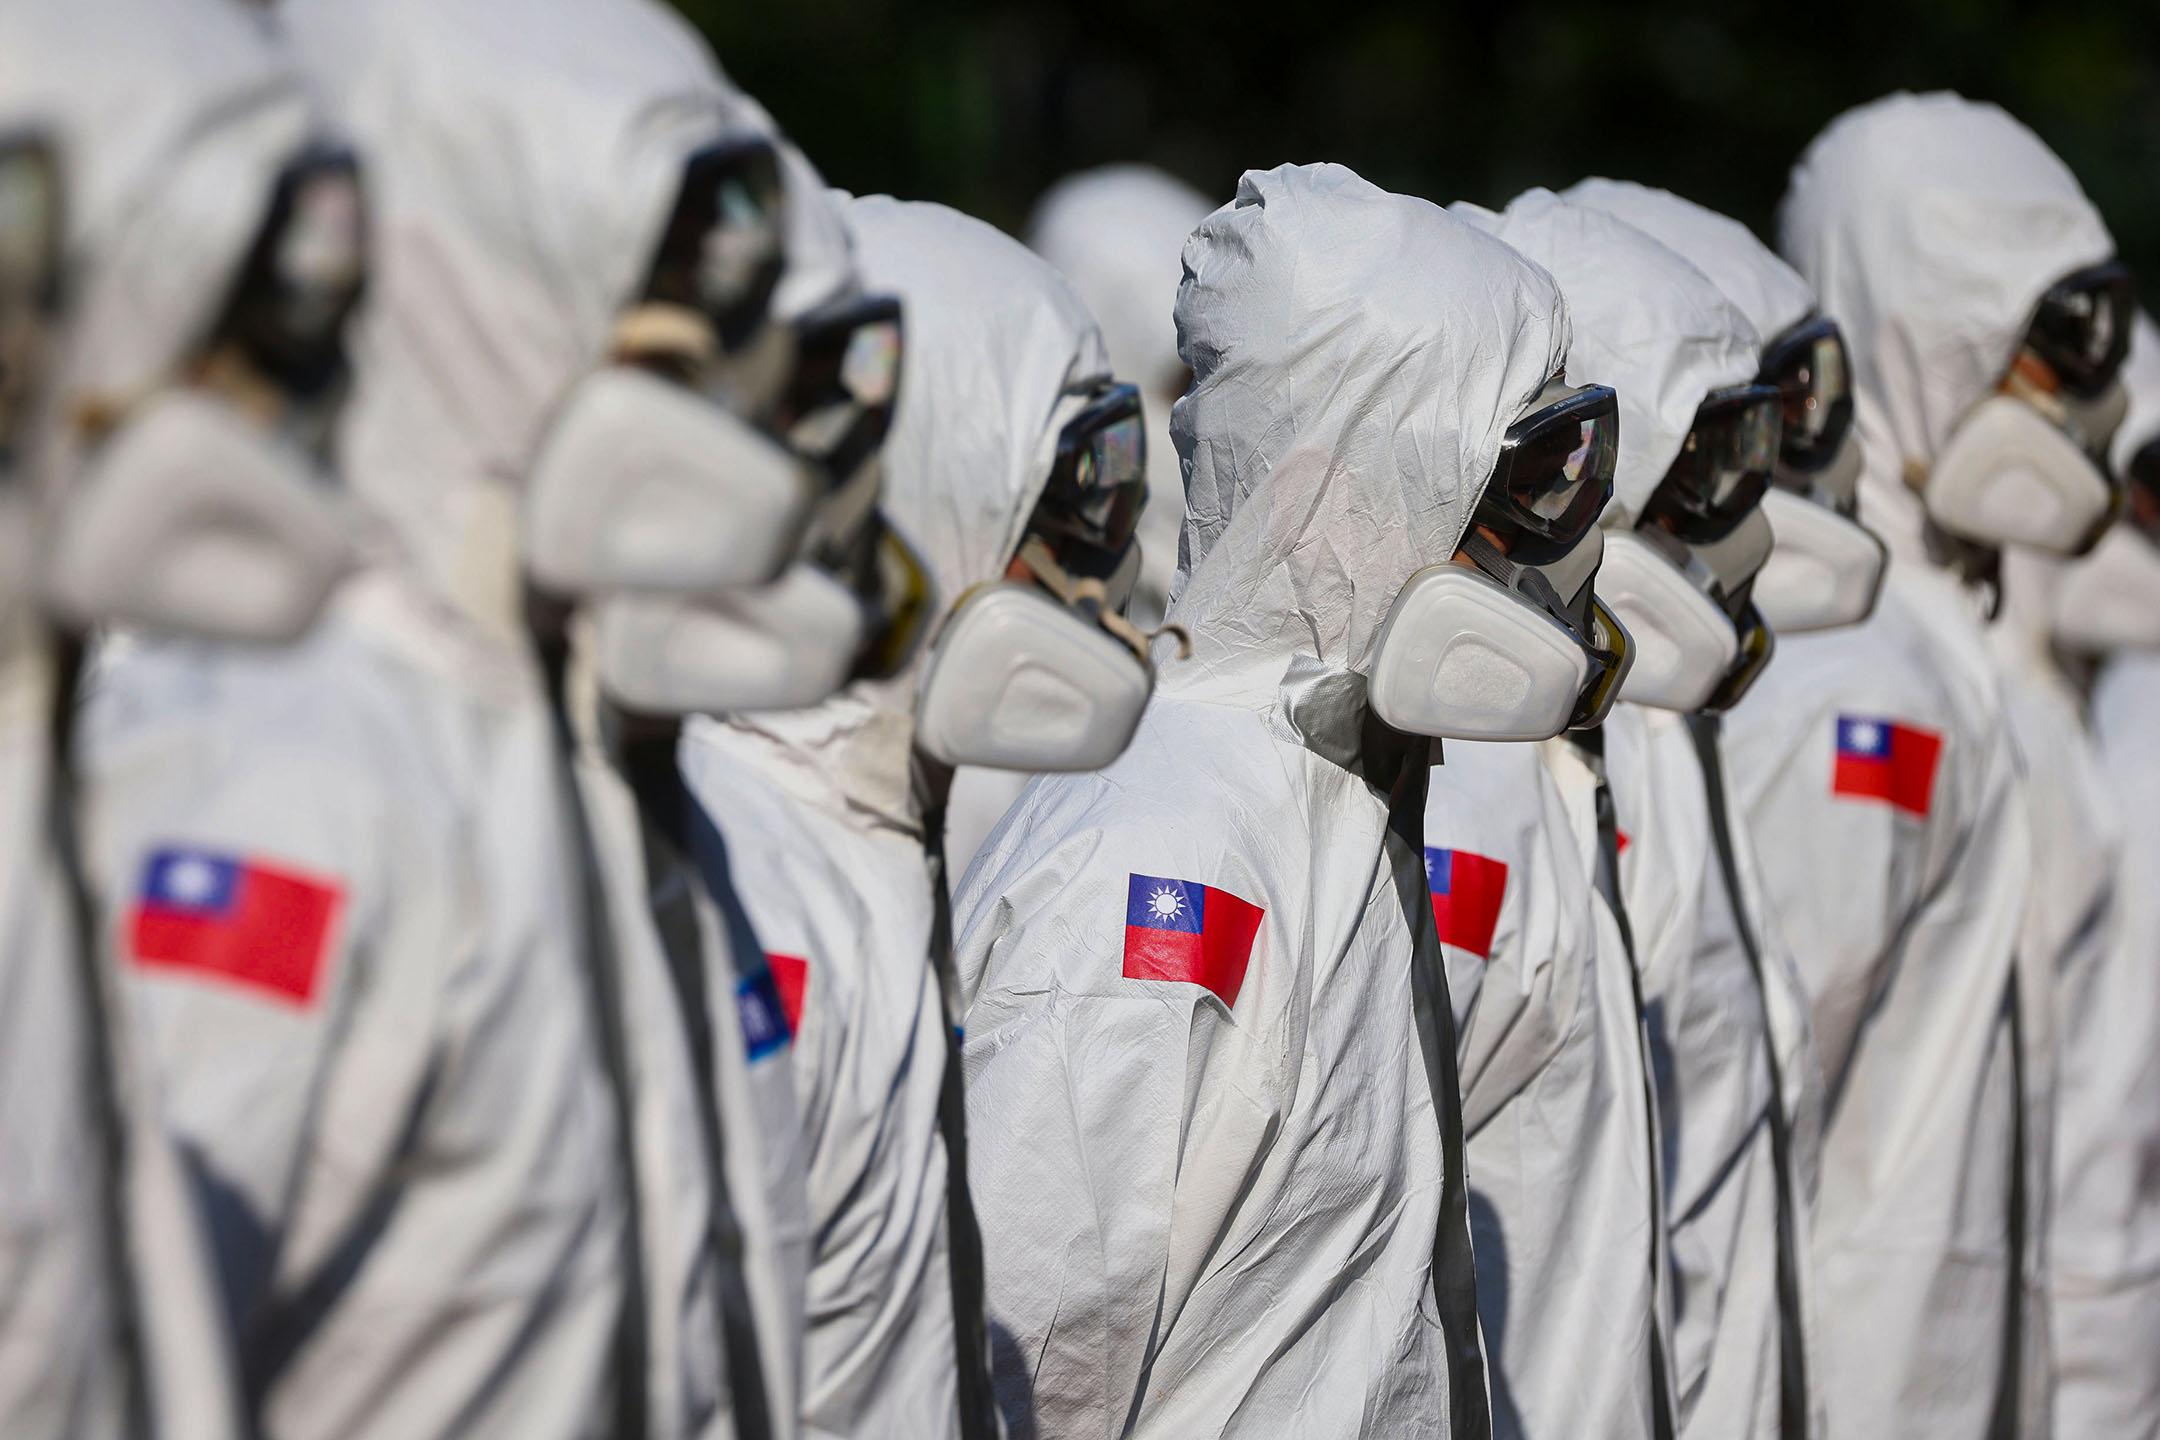 2021年5月16日台灣台北,士兵們在等待於萬華區進行清潔消毒。 攝:Ann Wang/Reuters/達志影像